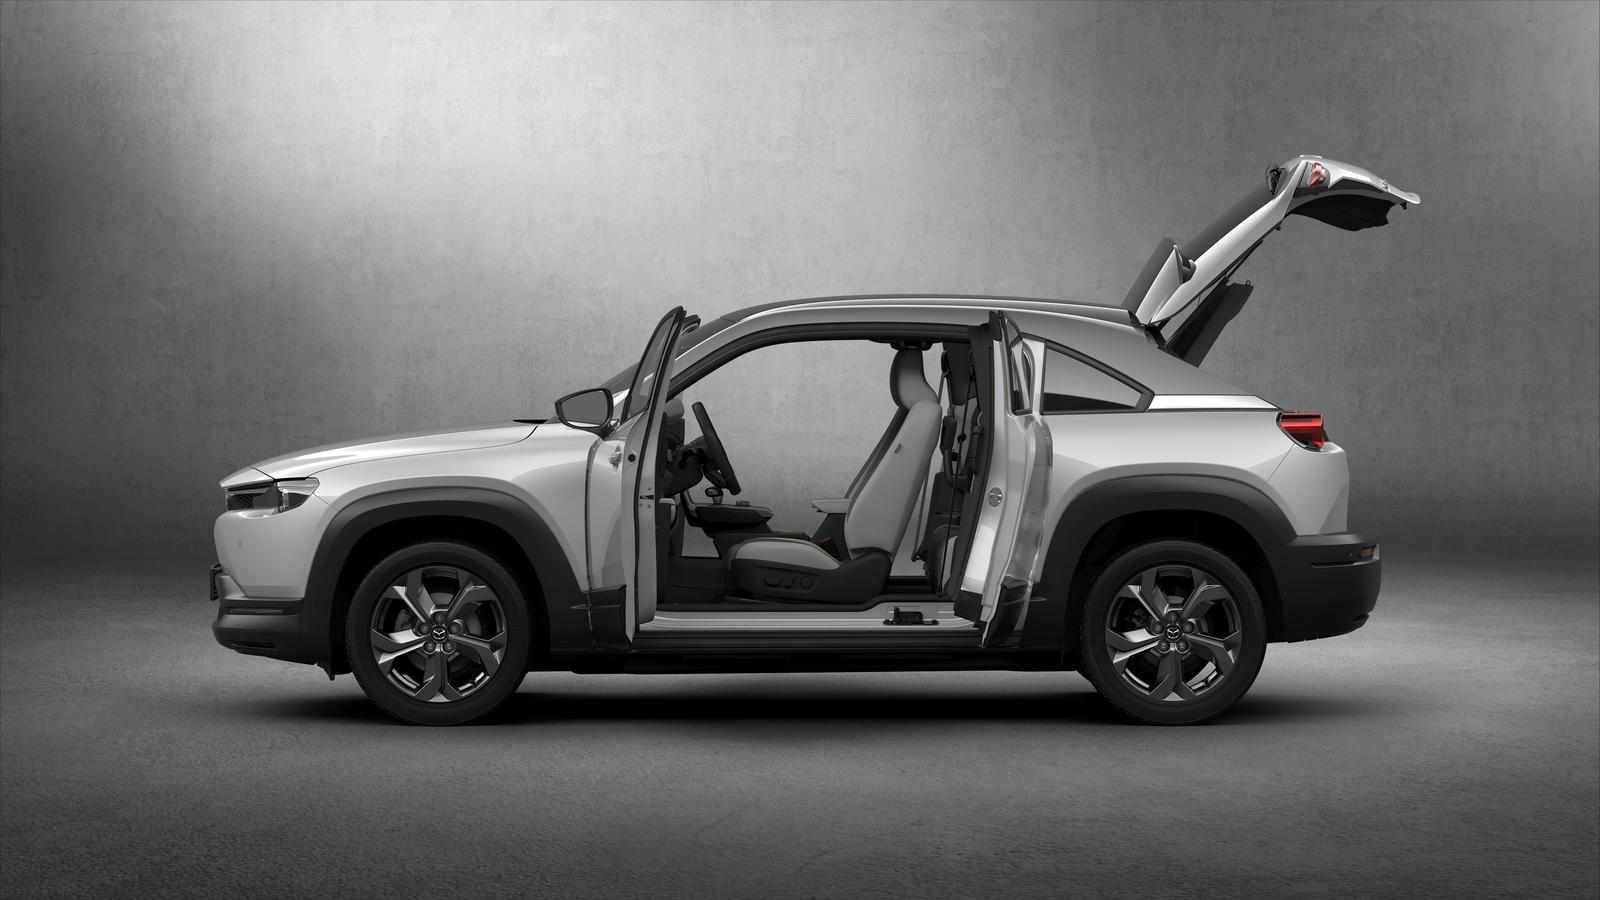 Đánh giá xe Mazda MX-30 2021 về thân xe: chính diện thân xe mở cửa